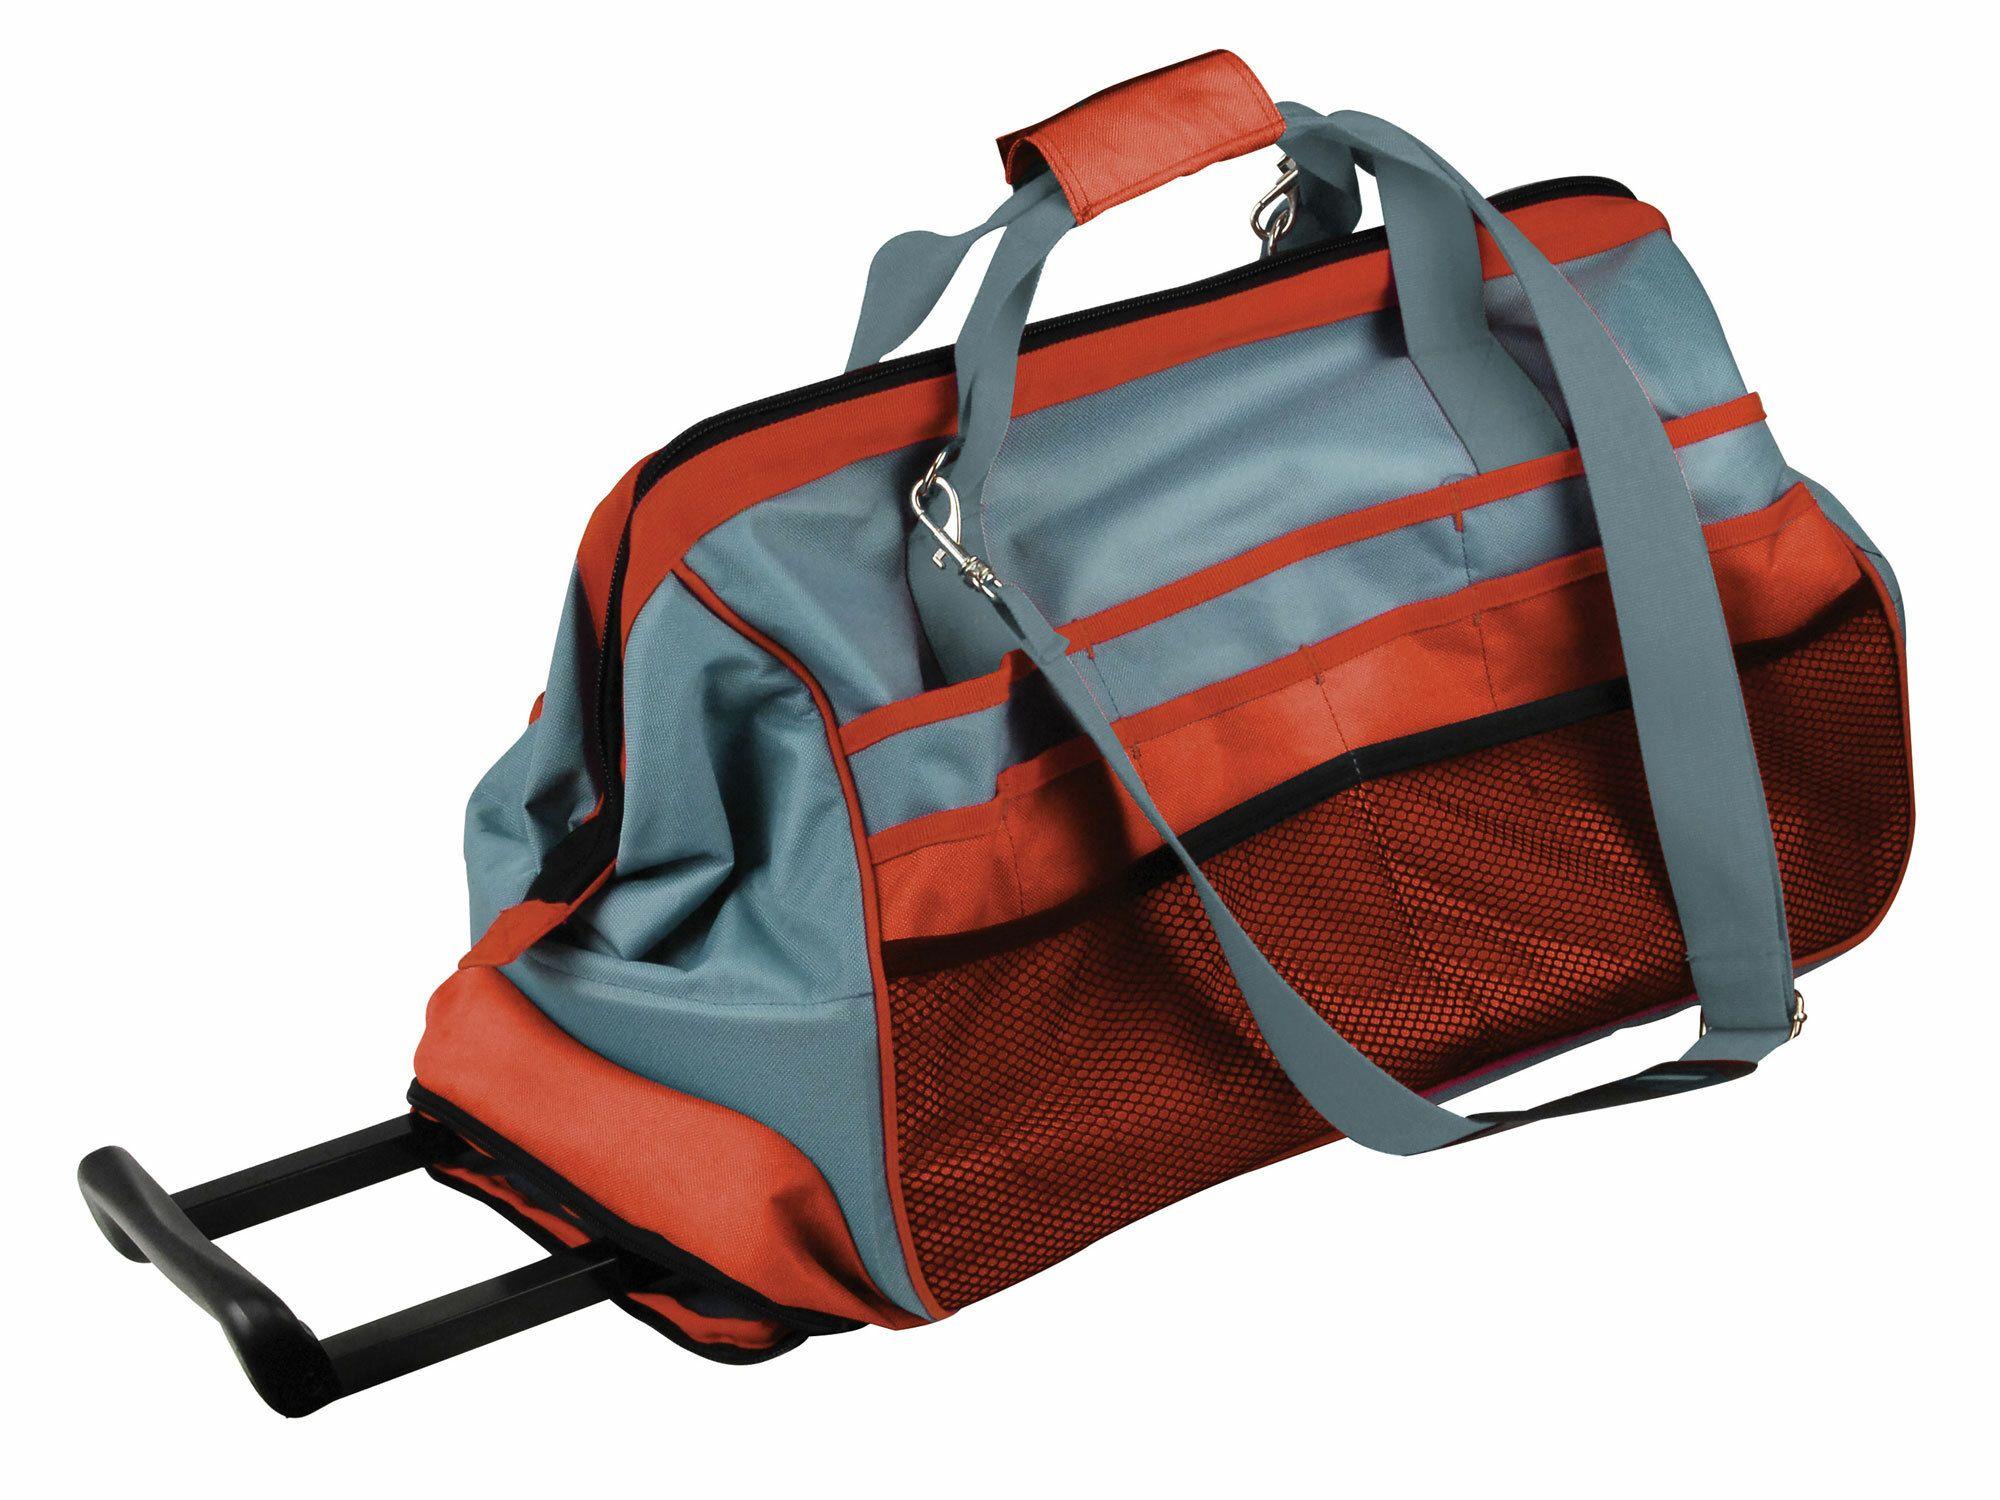 Taška na nářadí na kolečkách, 51x29x36cm, 29 kapes, nylon EXTOL-PREMIUM